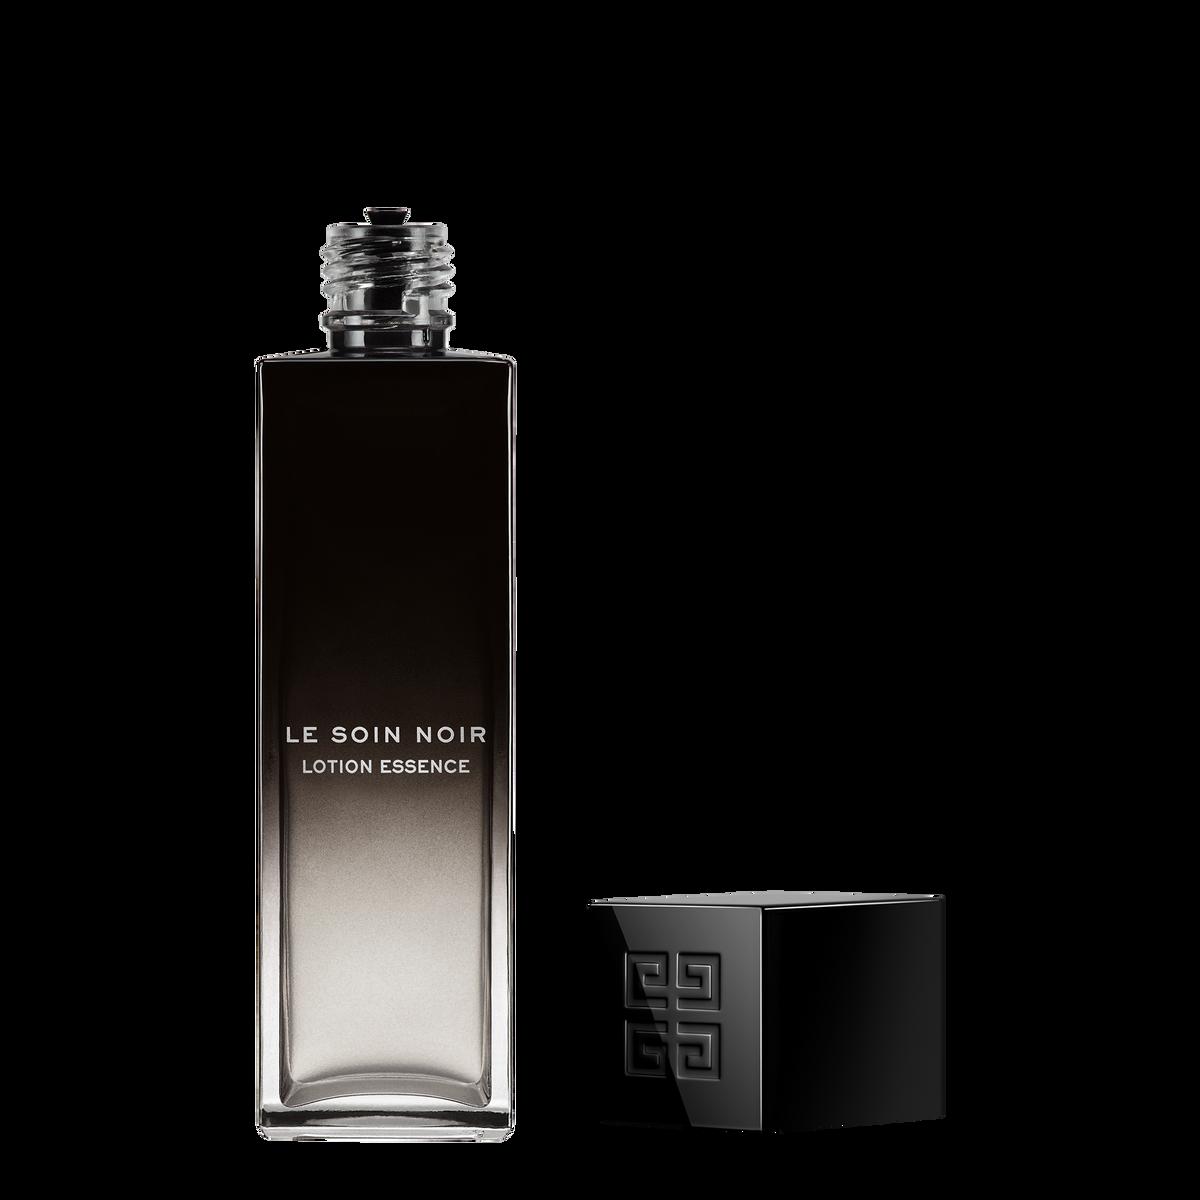 Le Soin Noir Treatment Lotion Essence